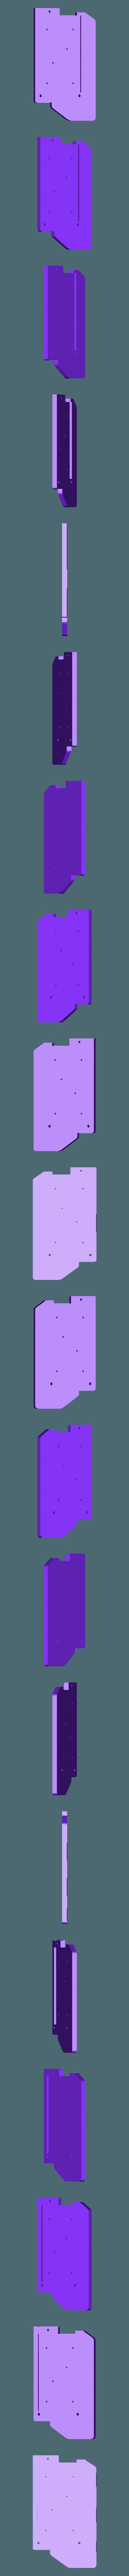 side_RT_panel_GB2_CUT_REAR.stl Télécharger fichier STL gratuit Ghostbuster Ghostbuster Ghosttrap • Modèle pour impression 3D, SLIDES